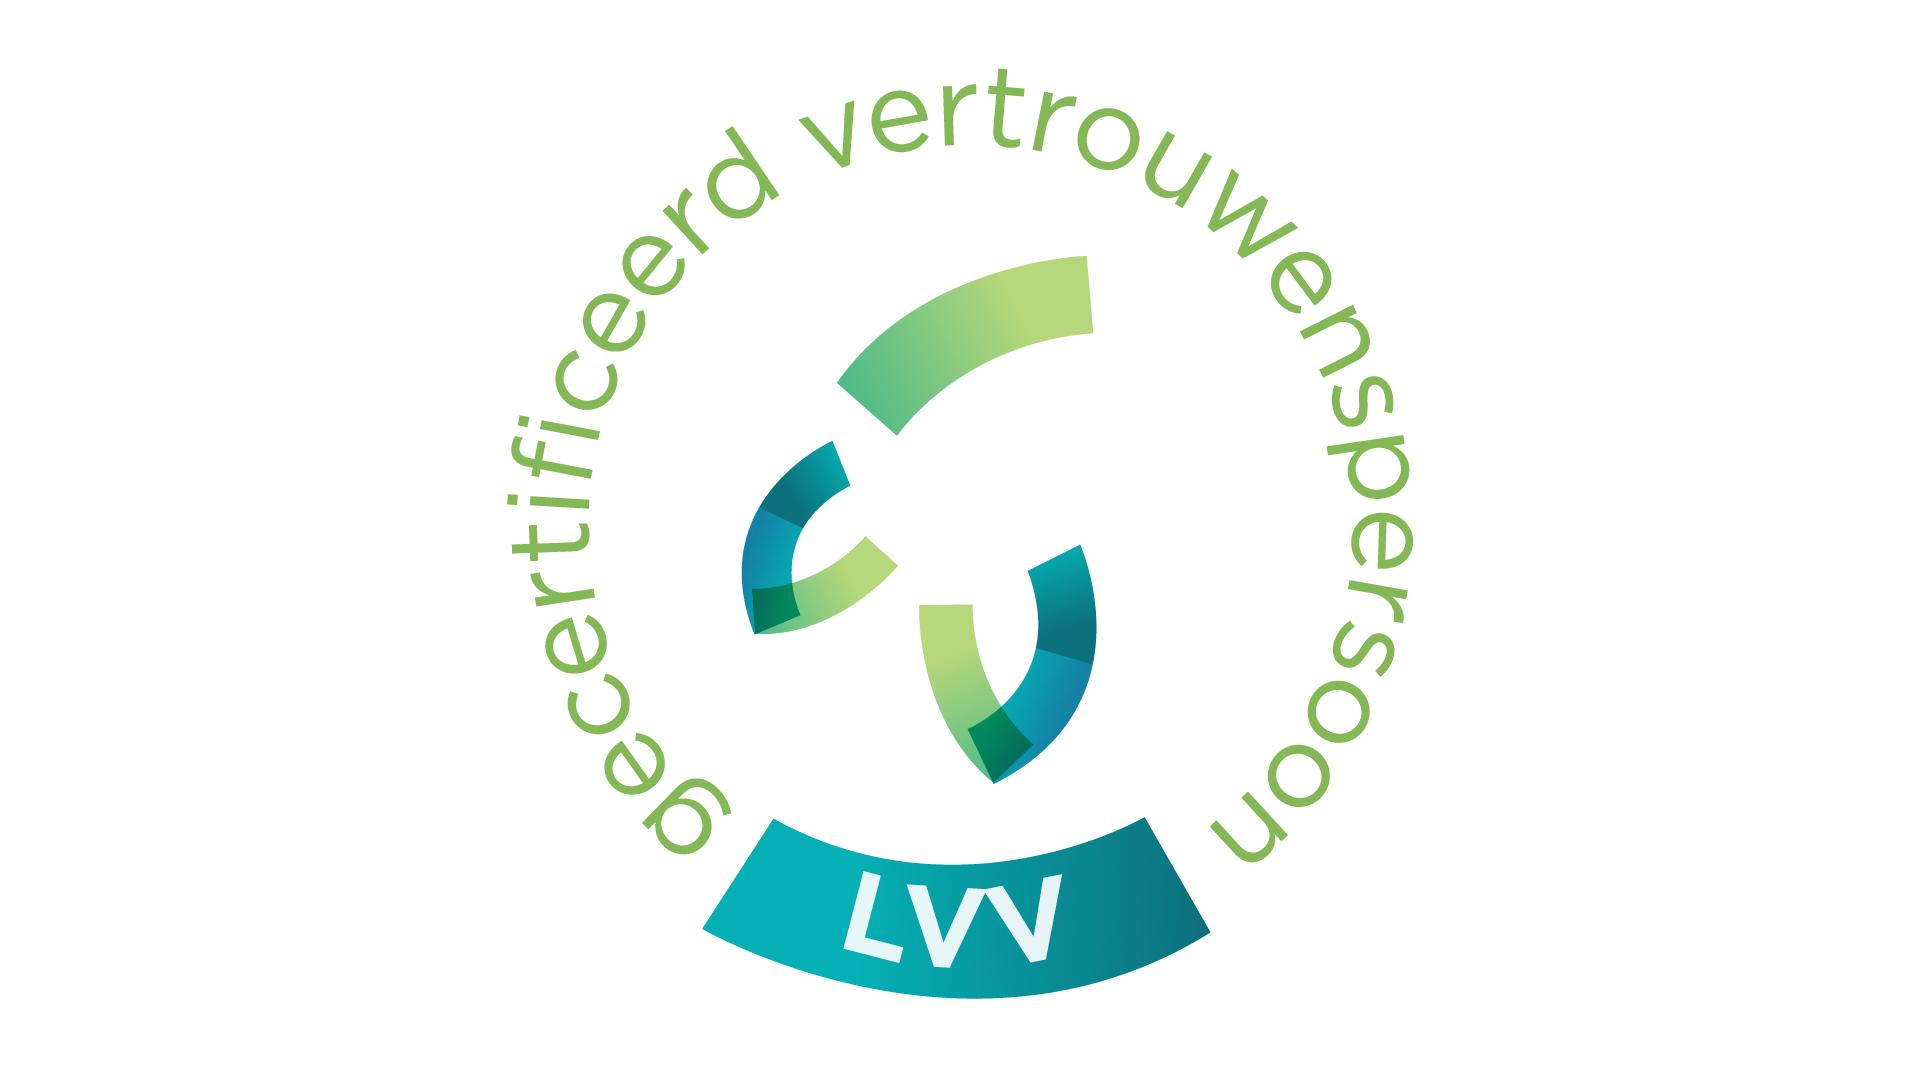 007-161202 LVV logo gertificeerd vertrouwenspersoon (1)